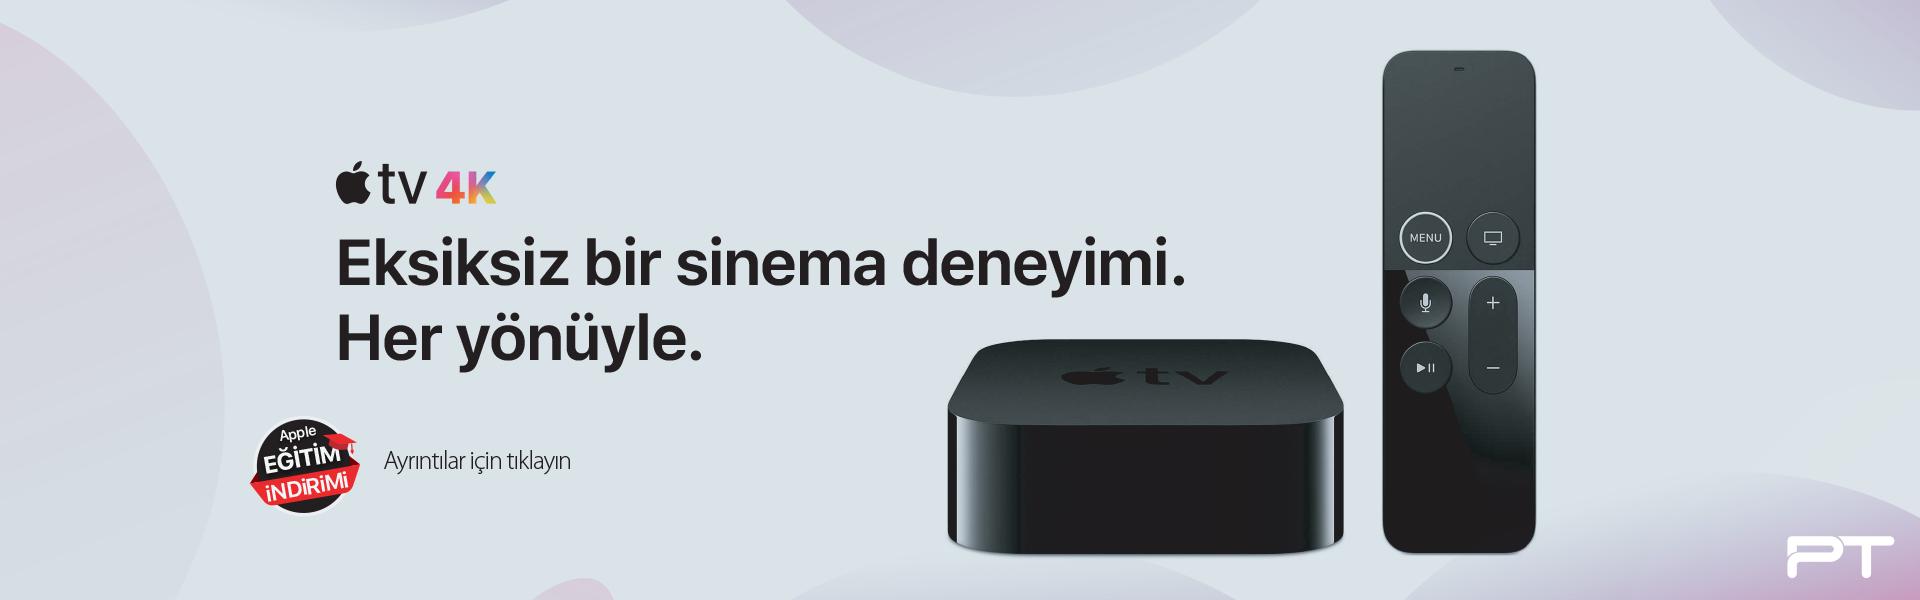 AppleTV ürünler eğitim indirimi ile Yetkili Çözüm Uzmanı Pozitif Teknoloji de